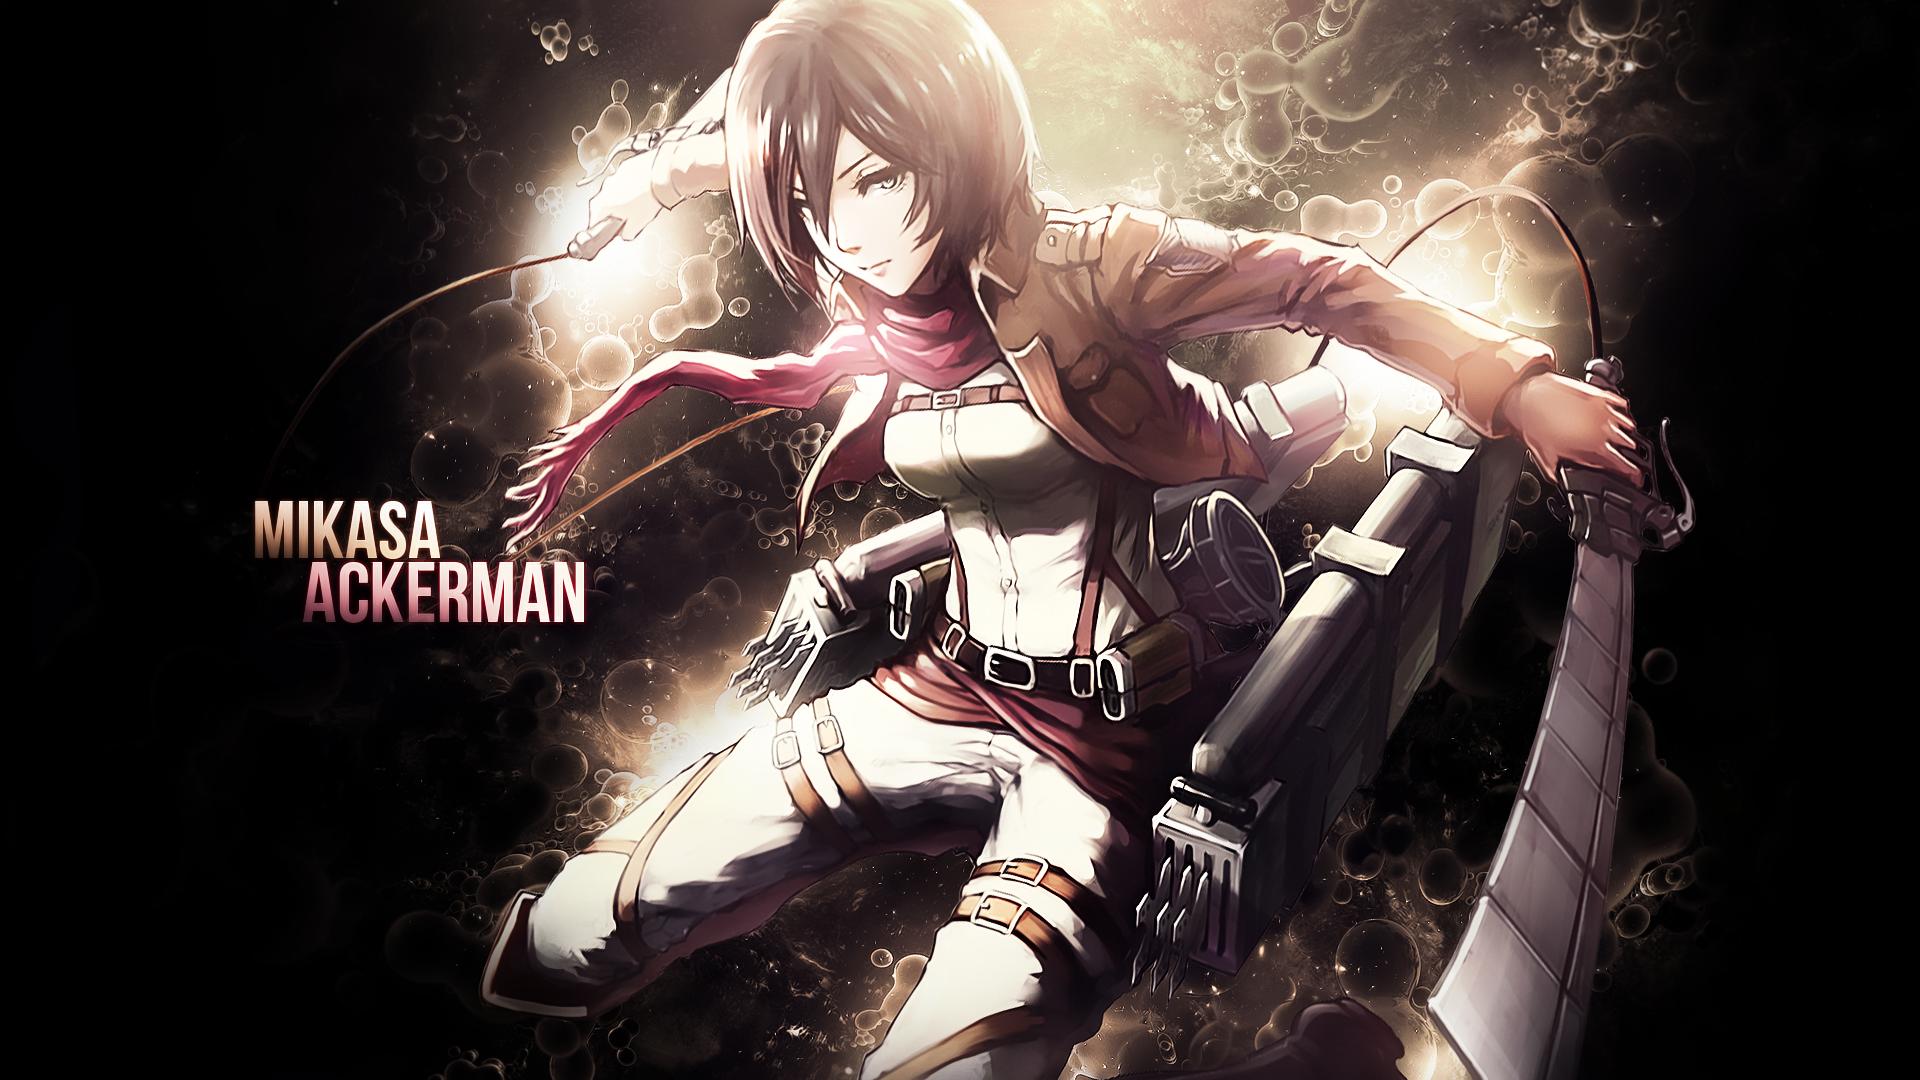 Anime Attack On Titan Mikasa Ackerman Attack On Titan Wallpaper Attack On Titan Anime Attack On Titan Titans Anime